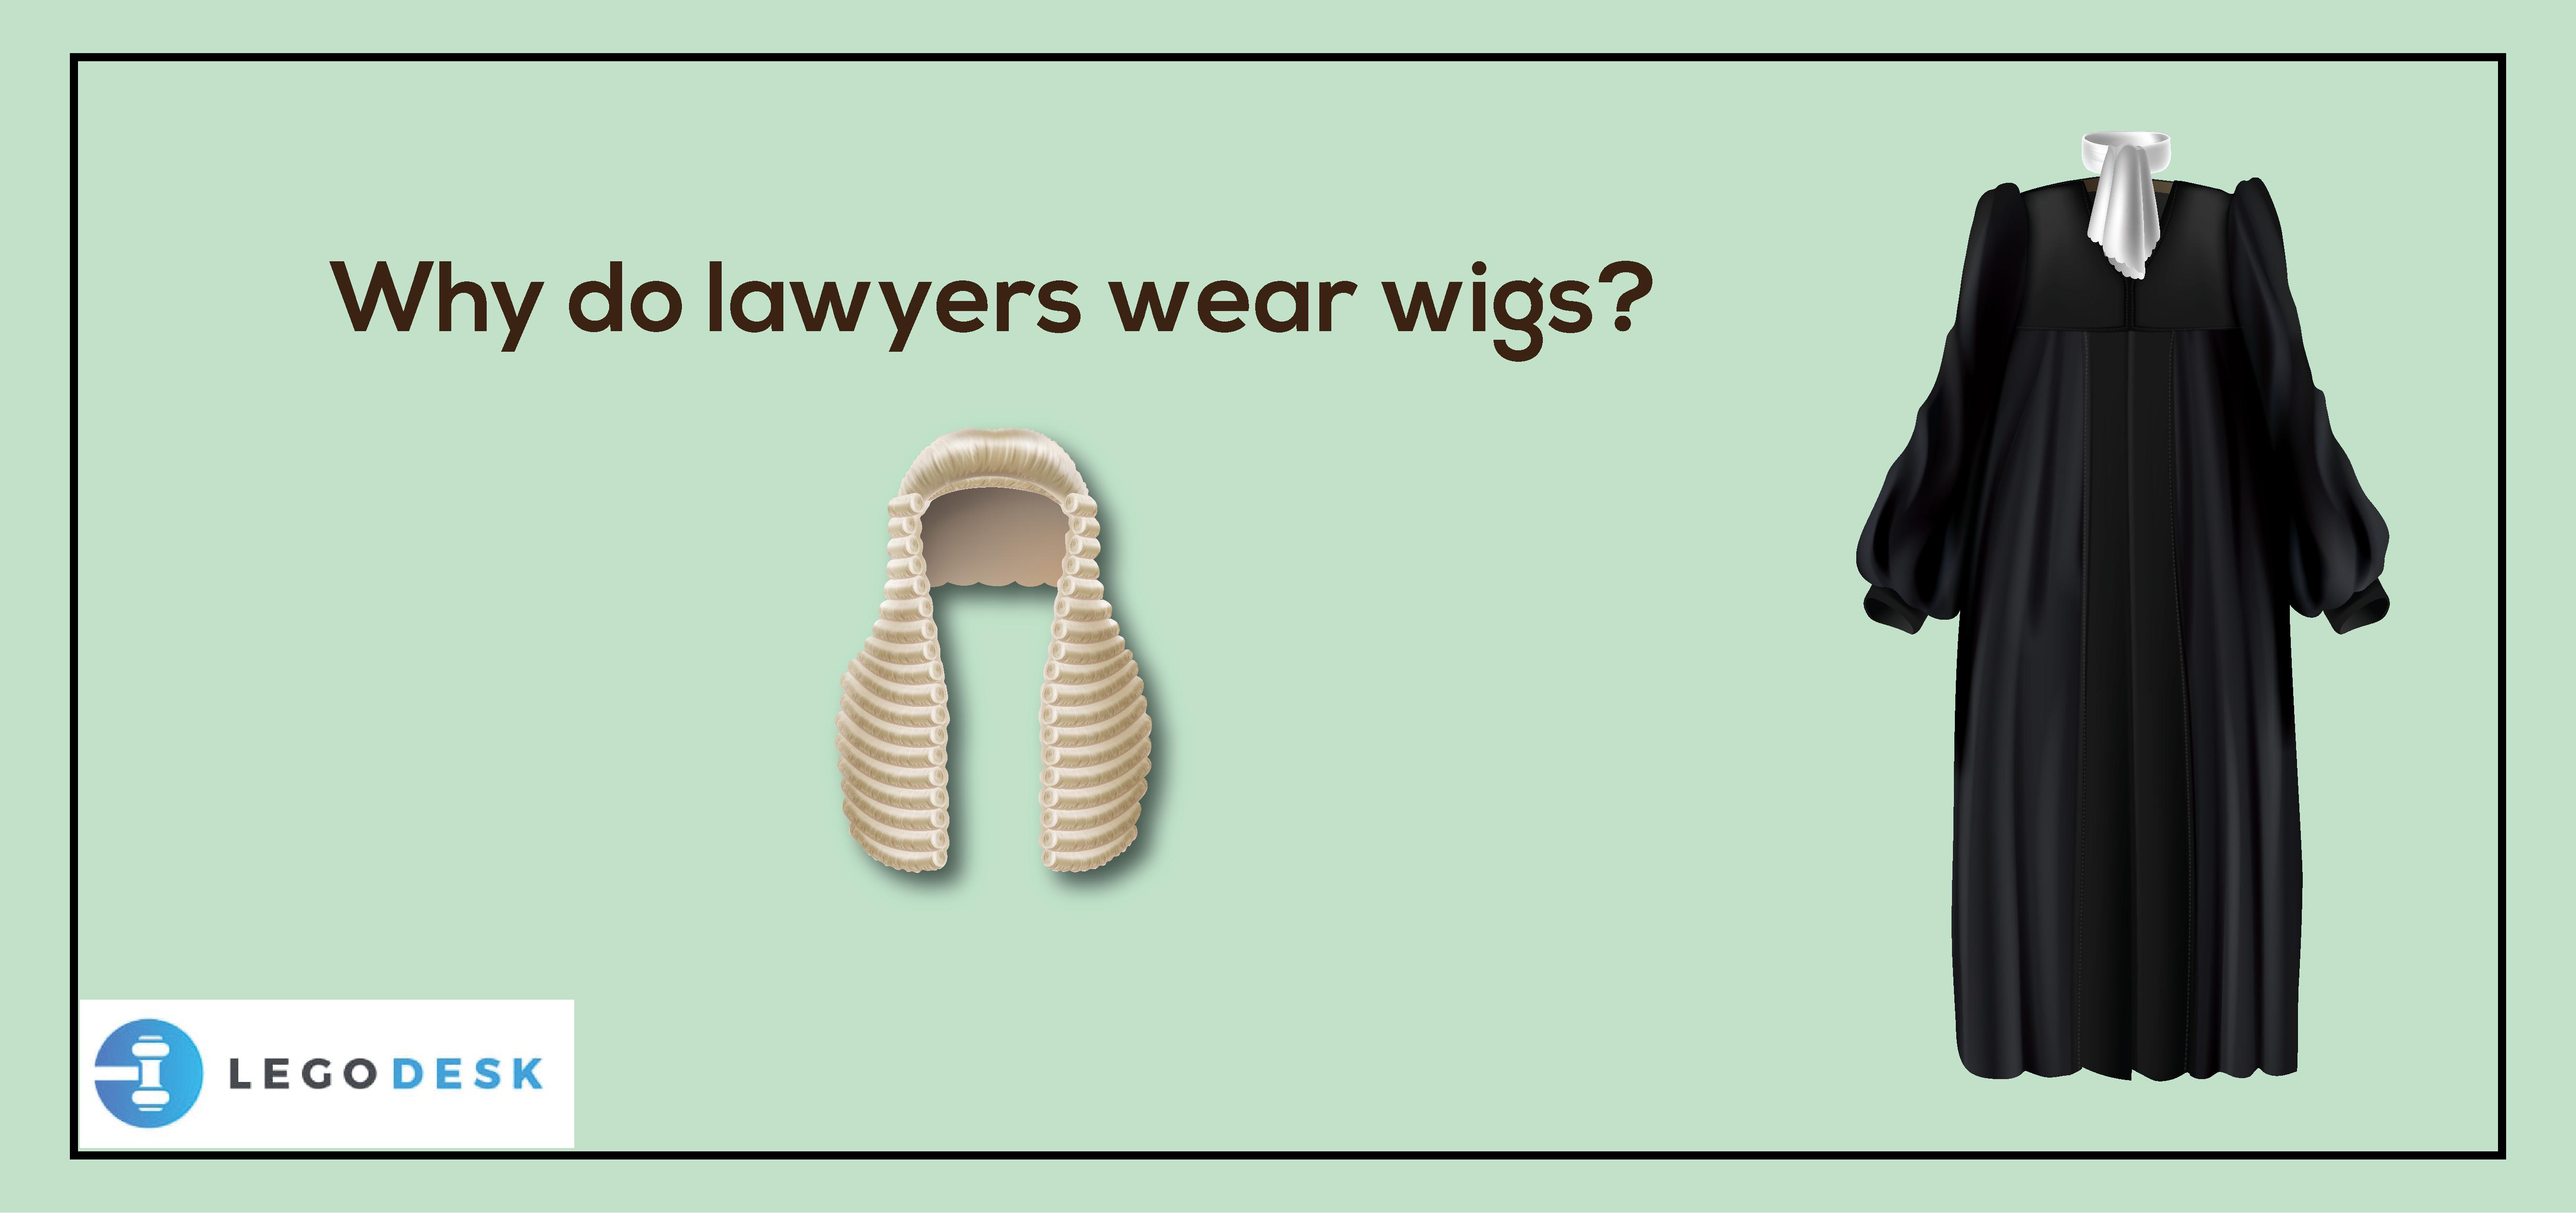 Why do lawyers wear wigs?